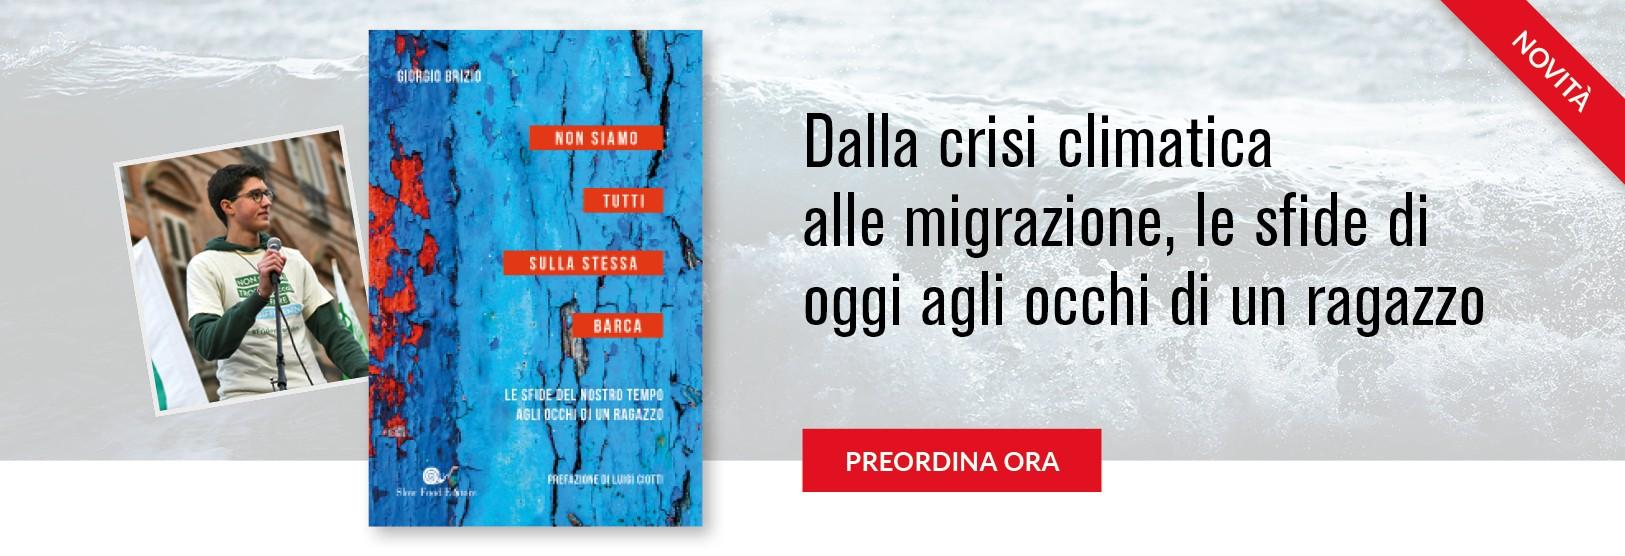 Il primo libro di Giorgio Brizio, attivista 19enne